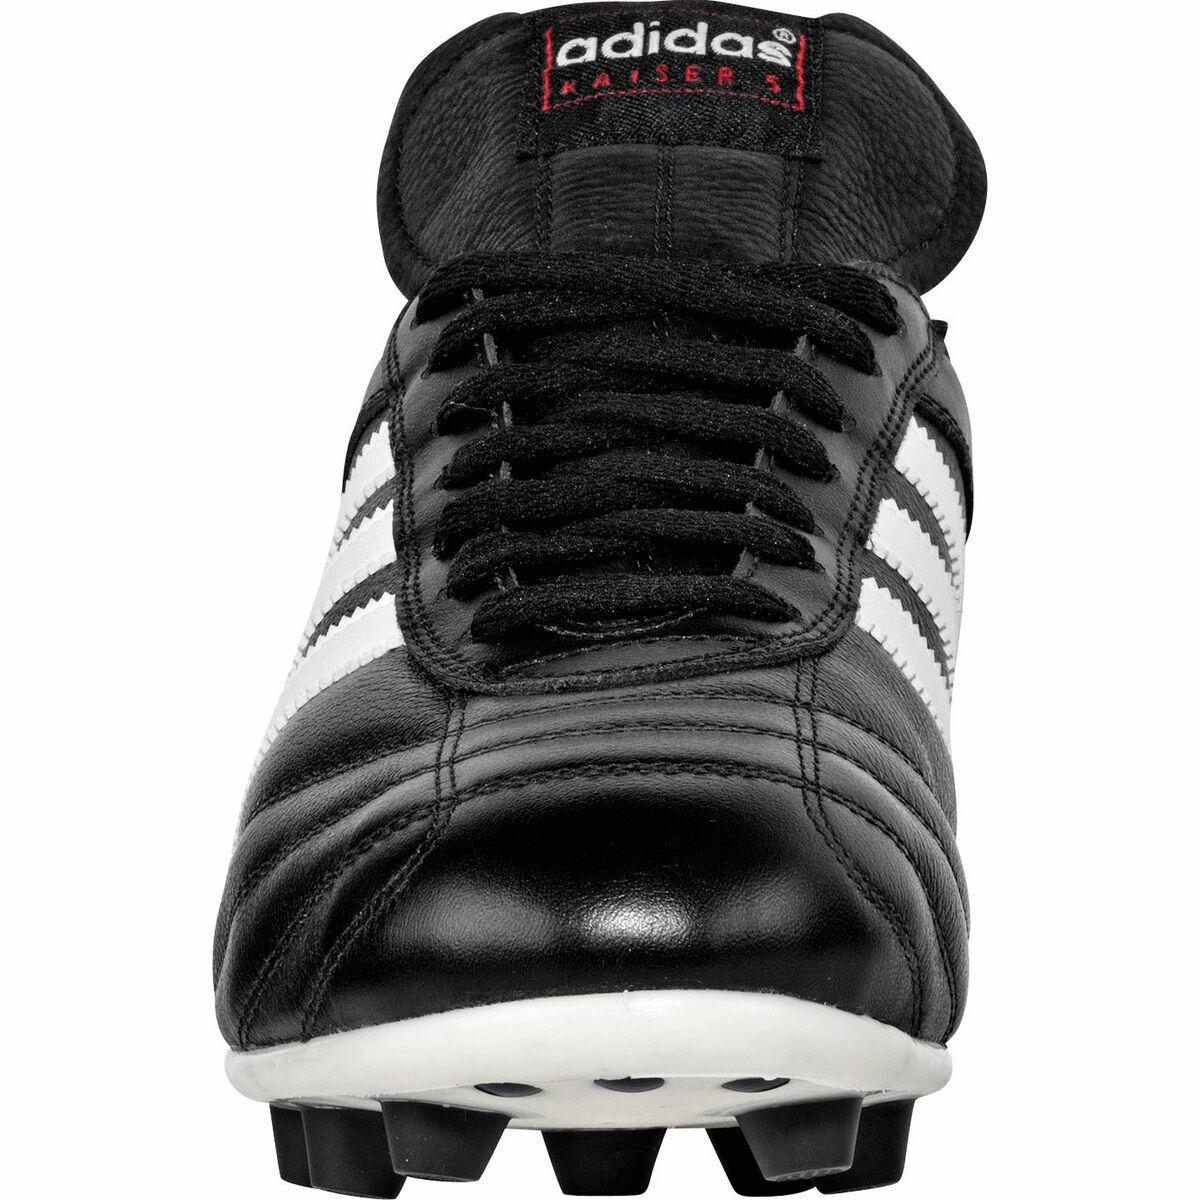 Bild 3 von adidas Herren Fußballschuh Kaiser 5 Liga FG